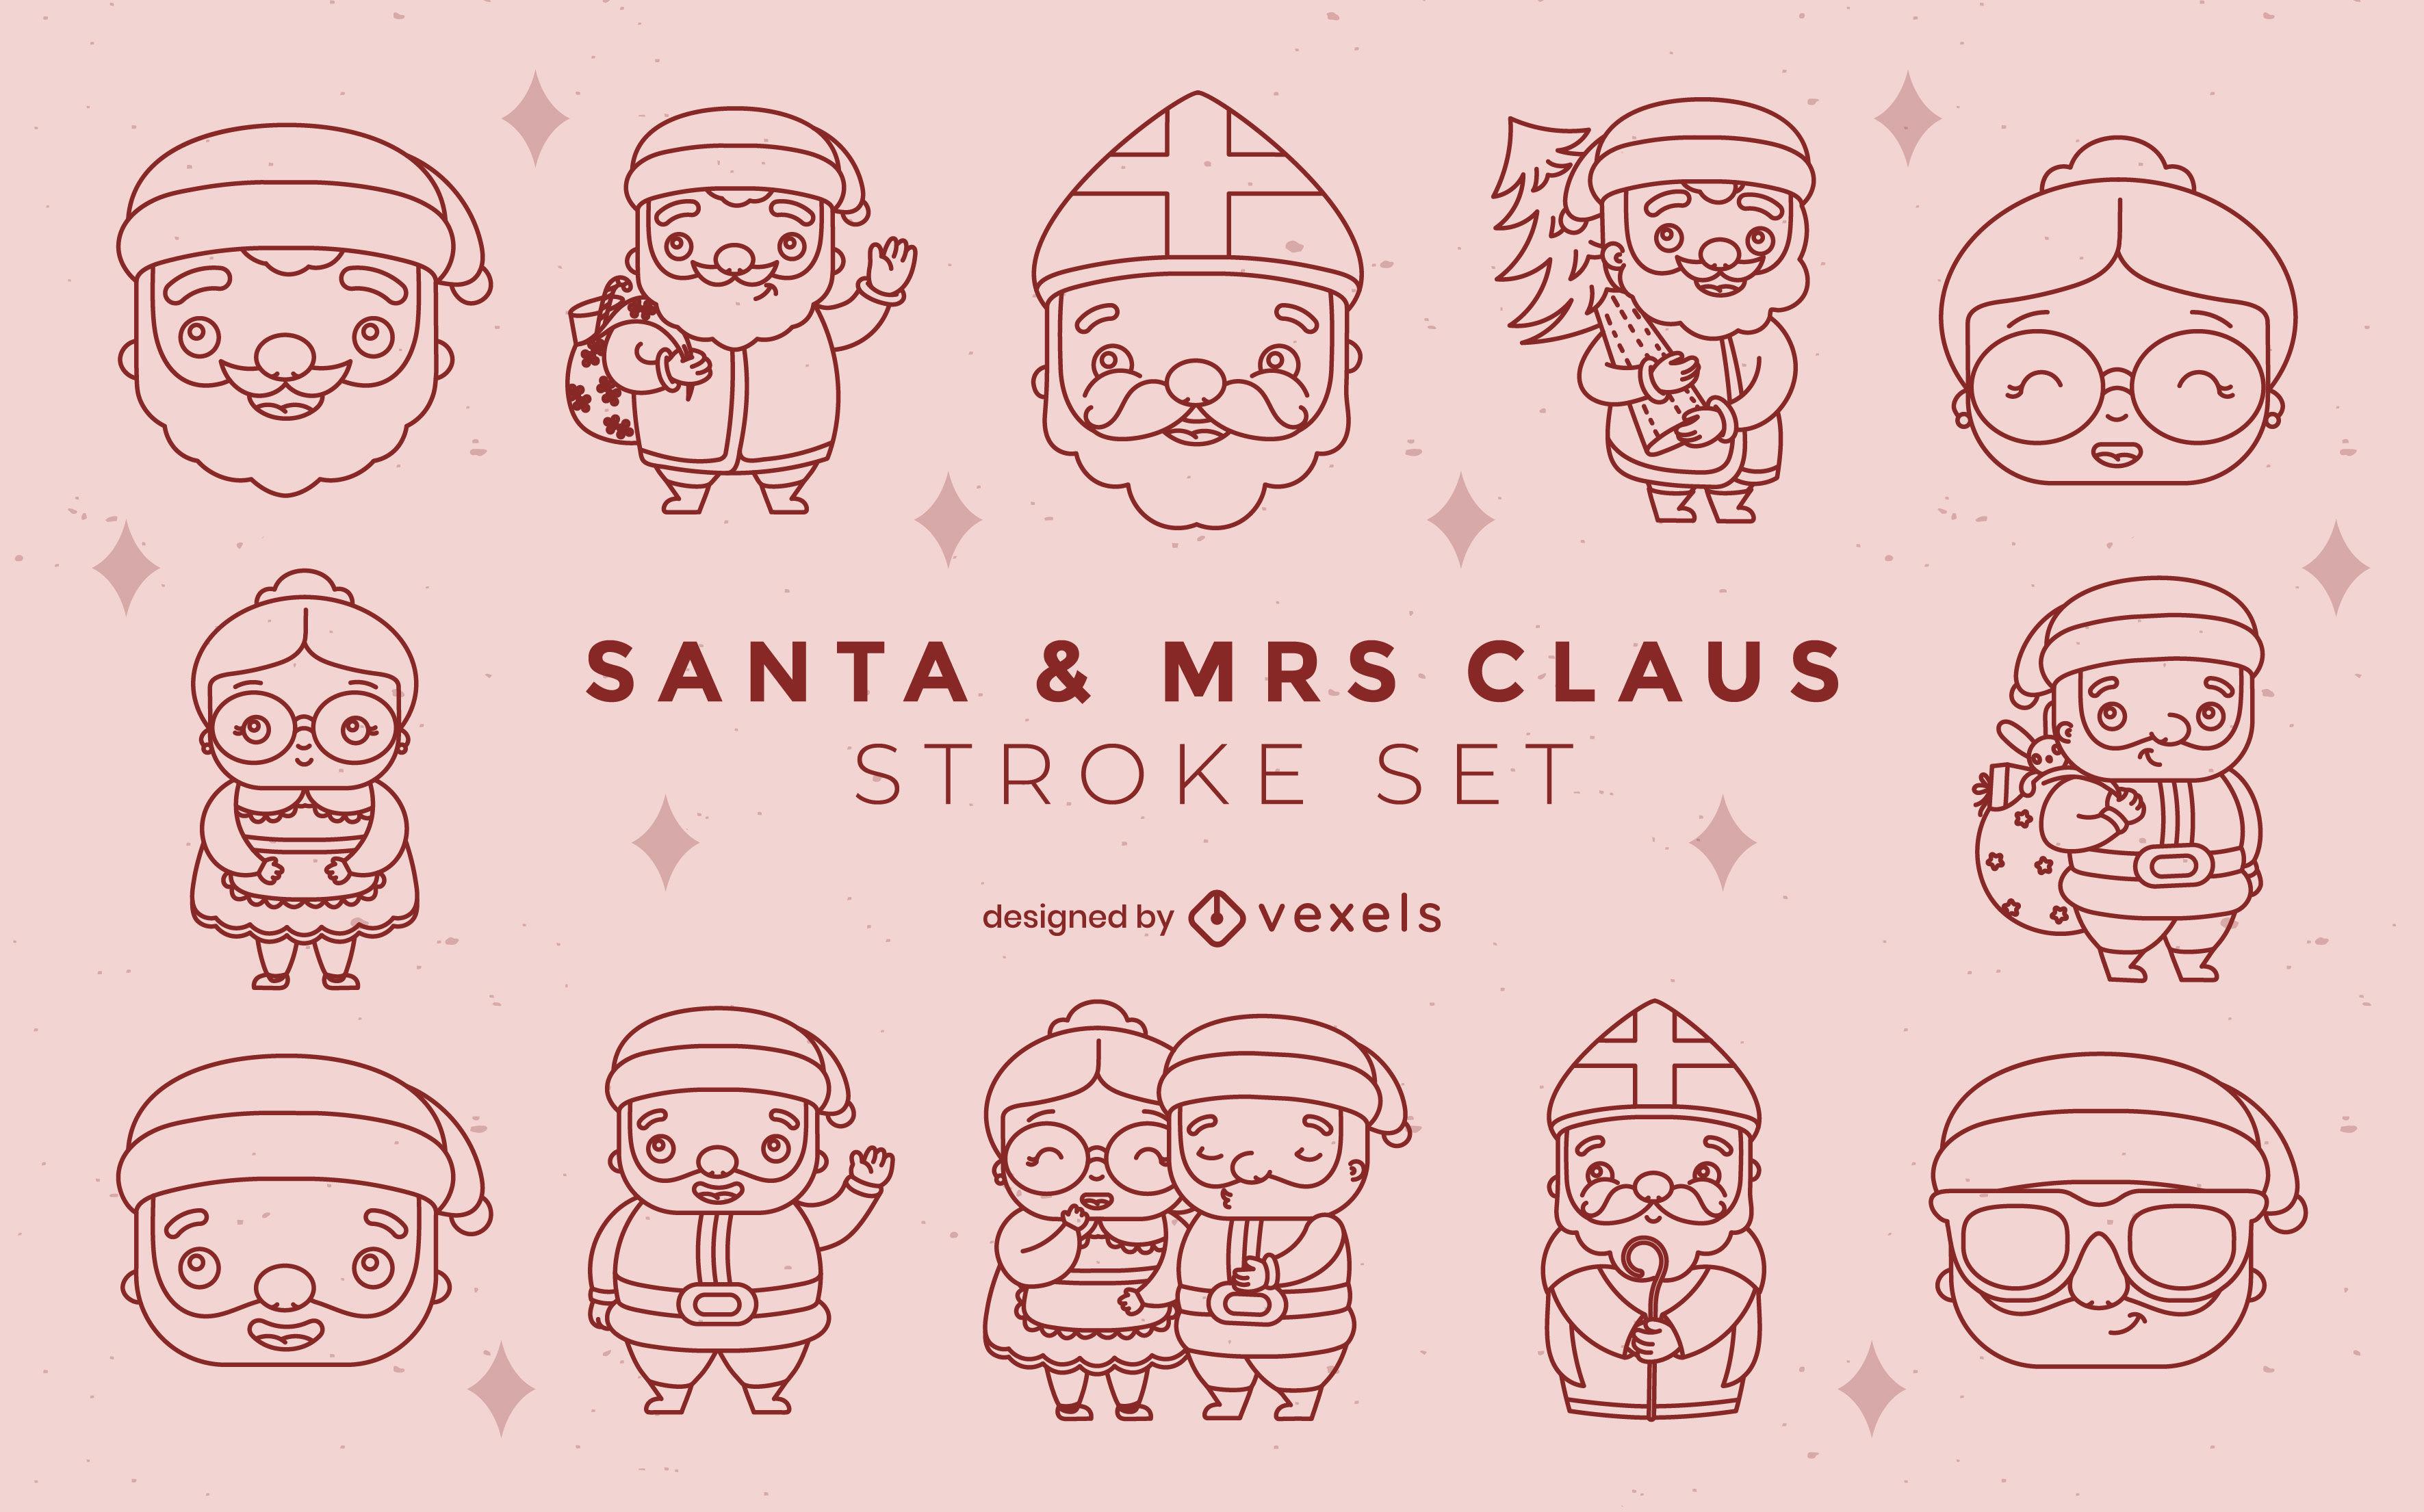 Conjunto de tra?os de personagens de Papai Noel